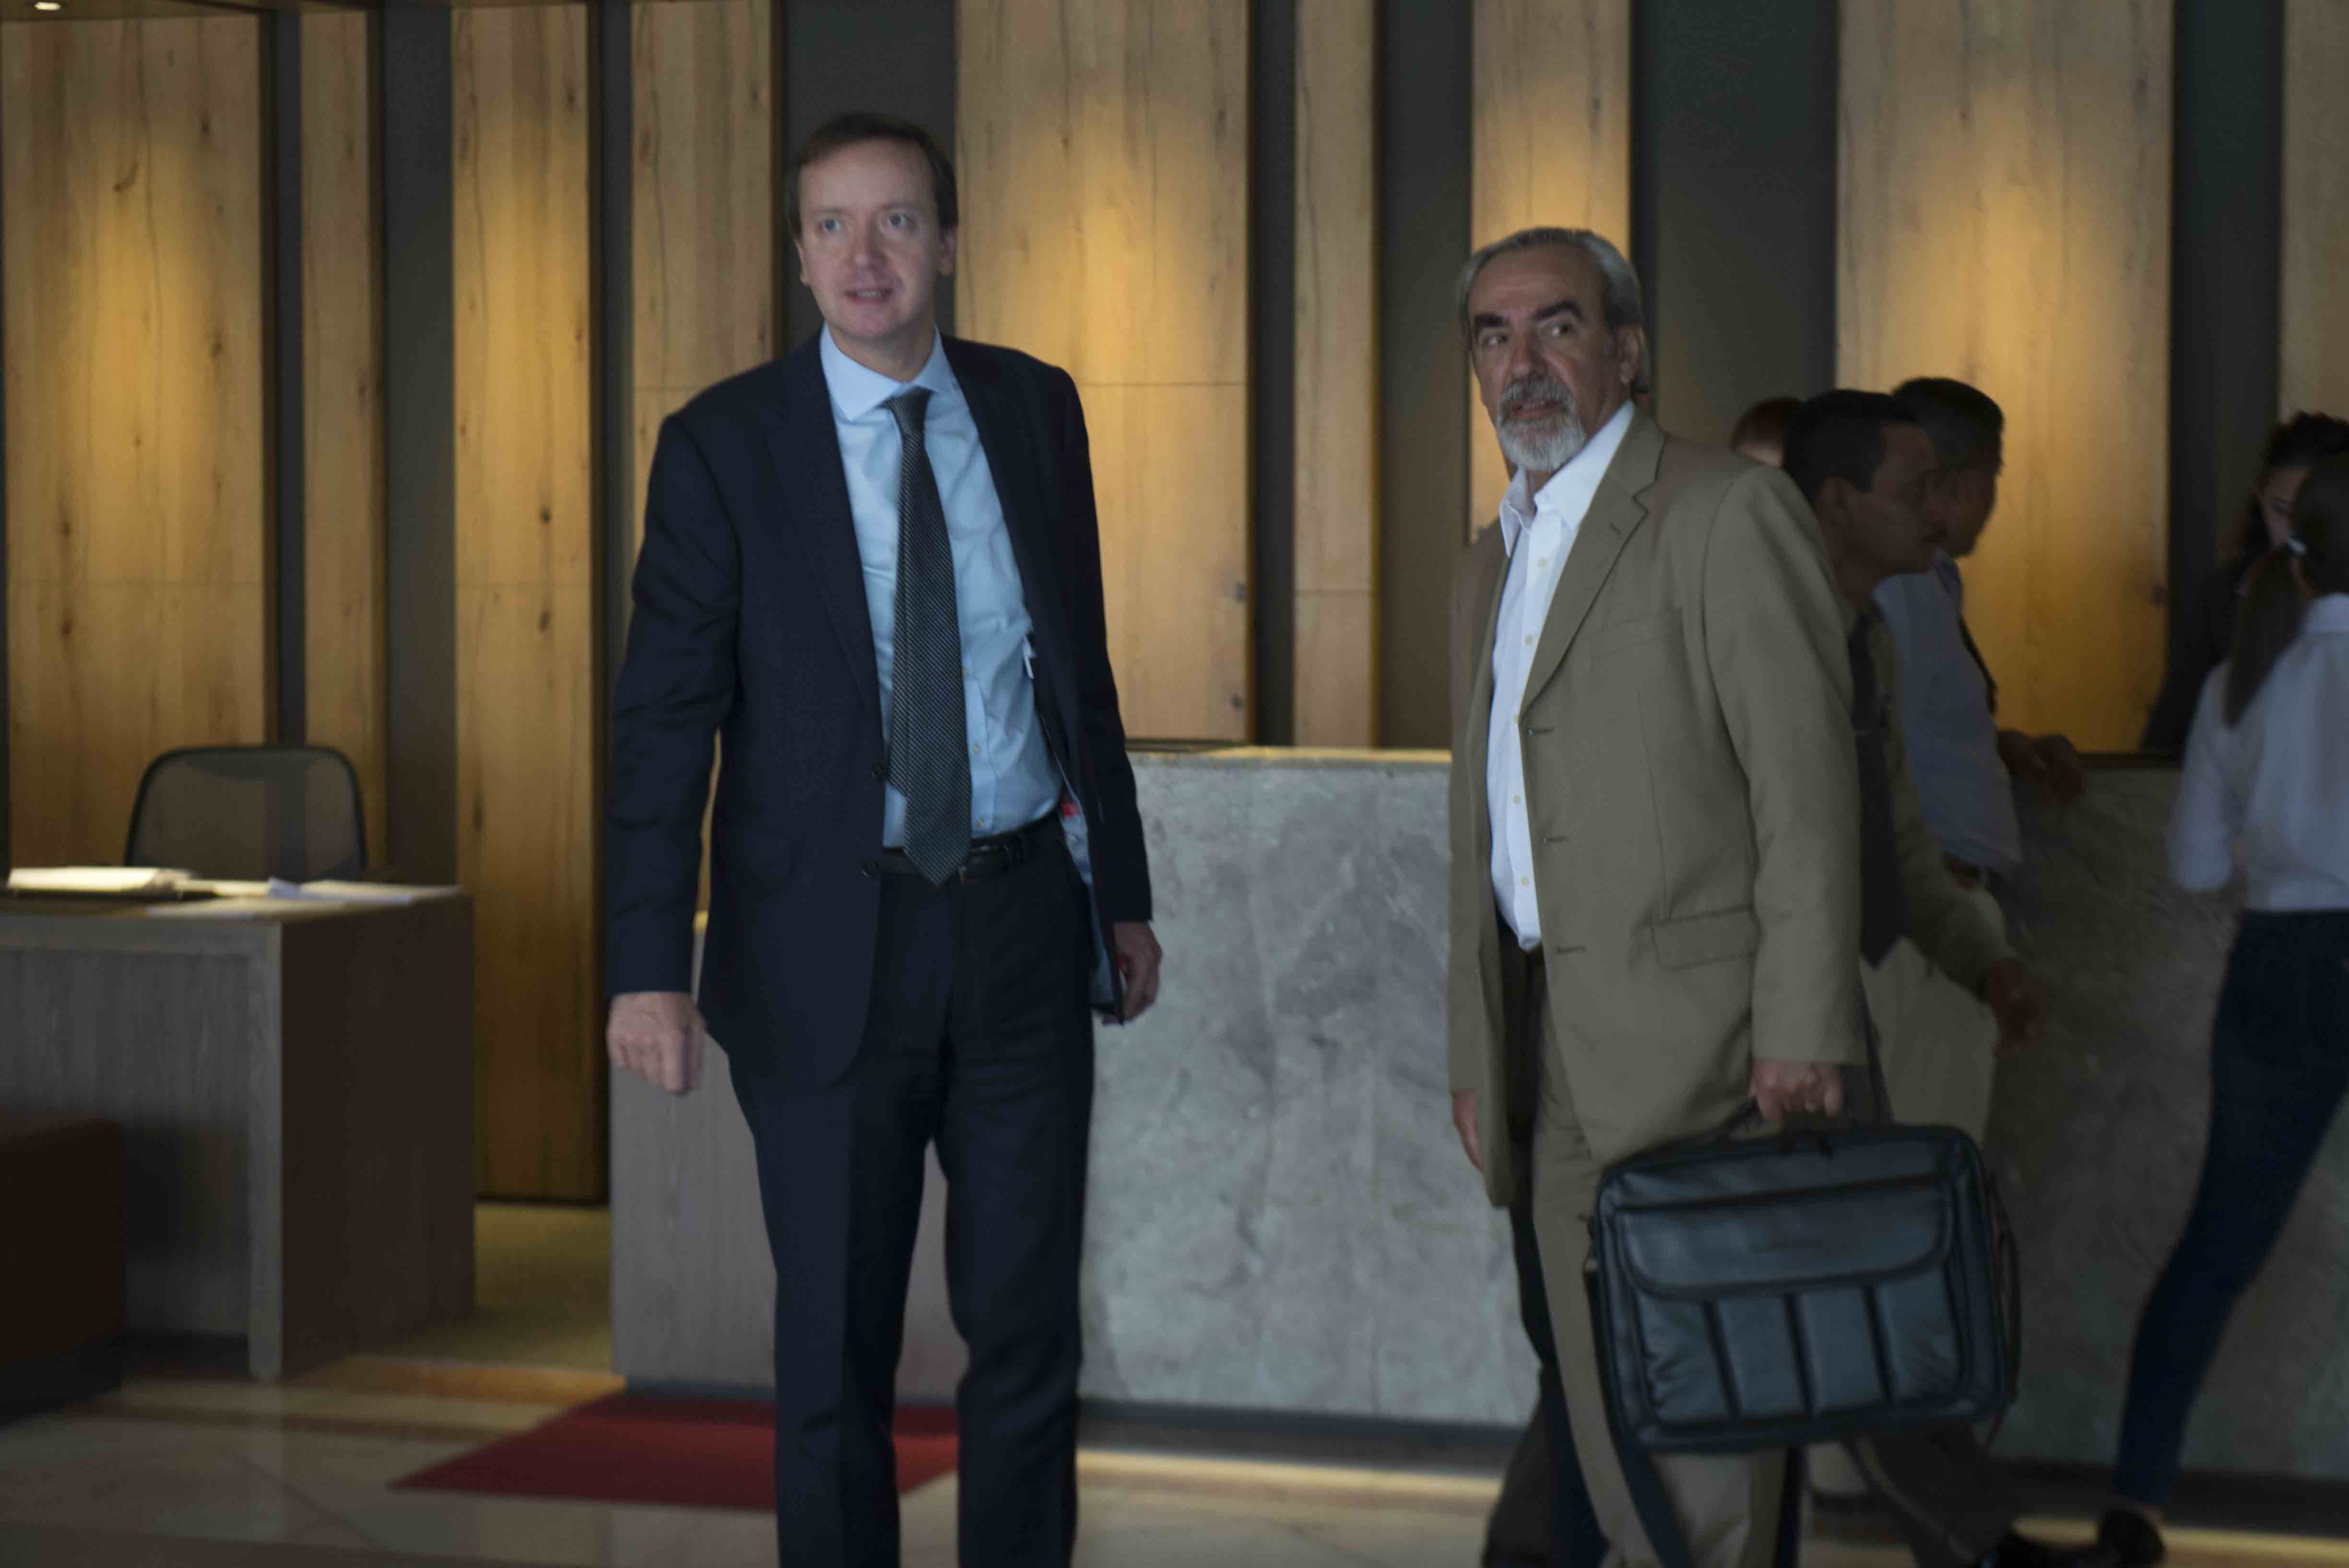 La delegación de la OEA que llegó al país a reunirse con el régimen de Daniel Ortega se marchó sin informar llos motivos por las cuales llegaron a Nicaragua